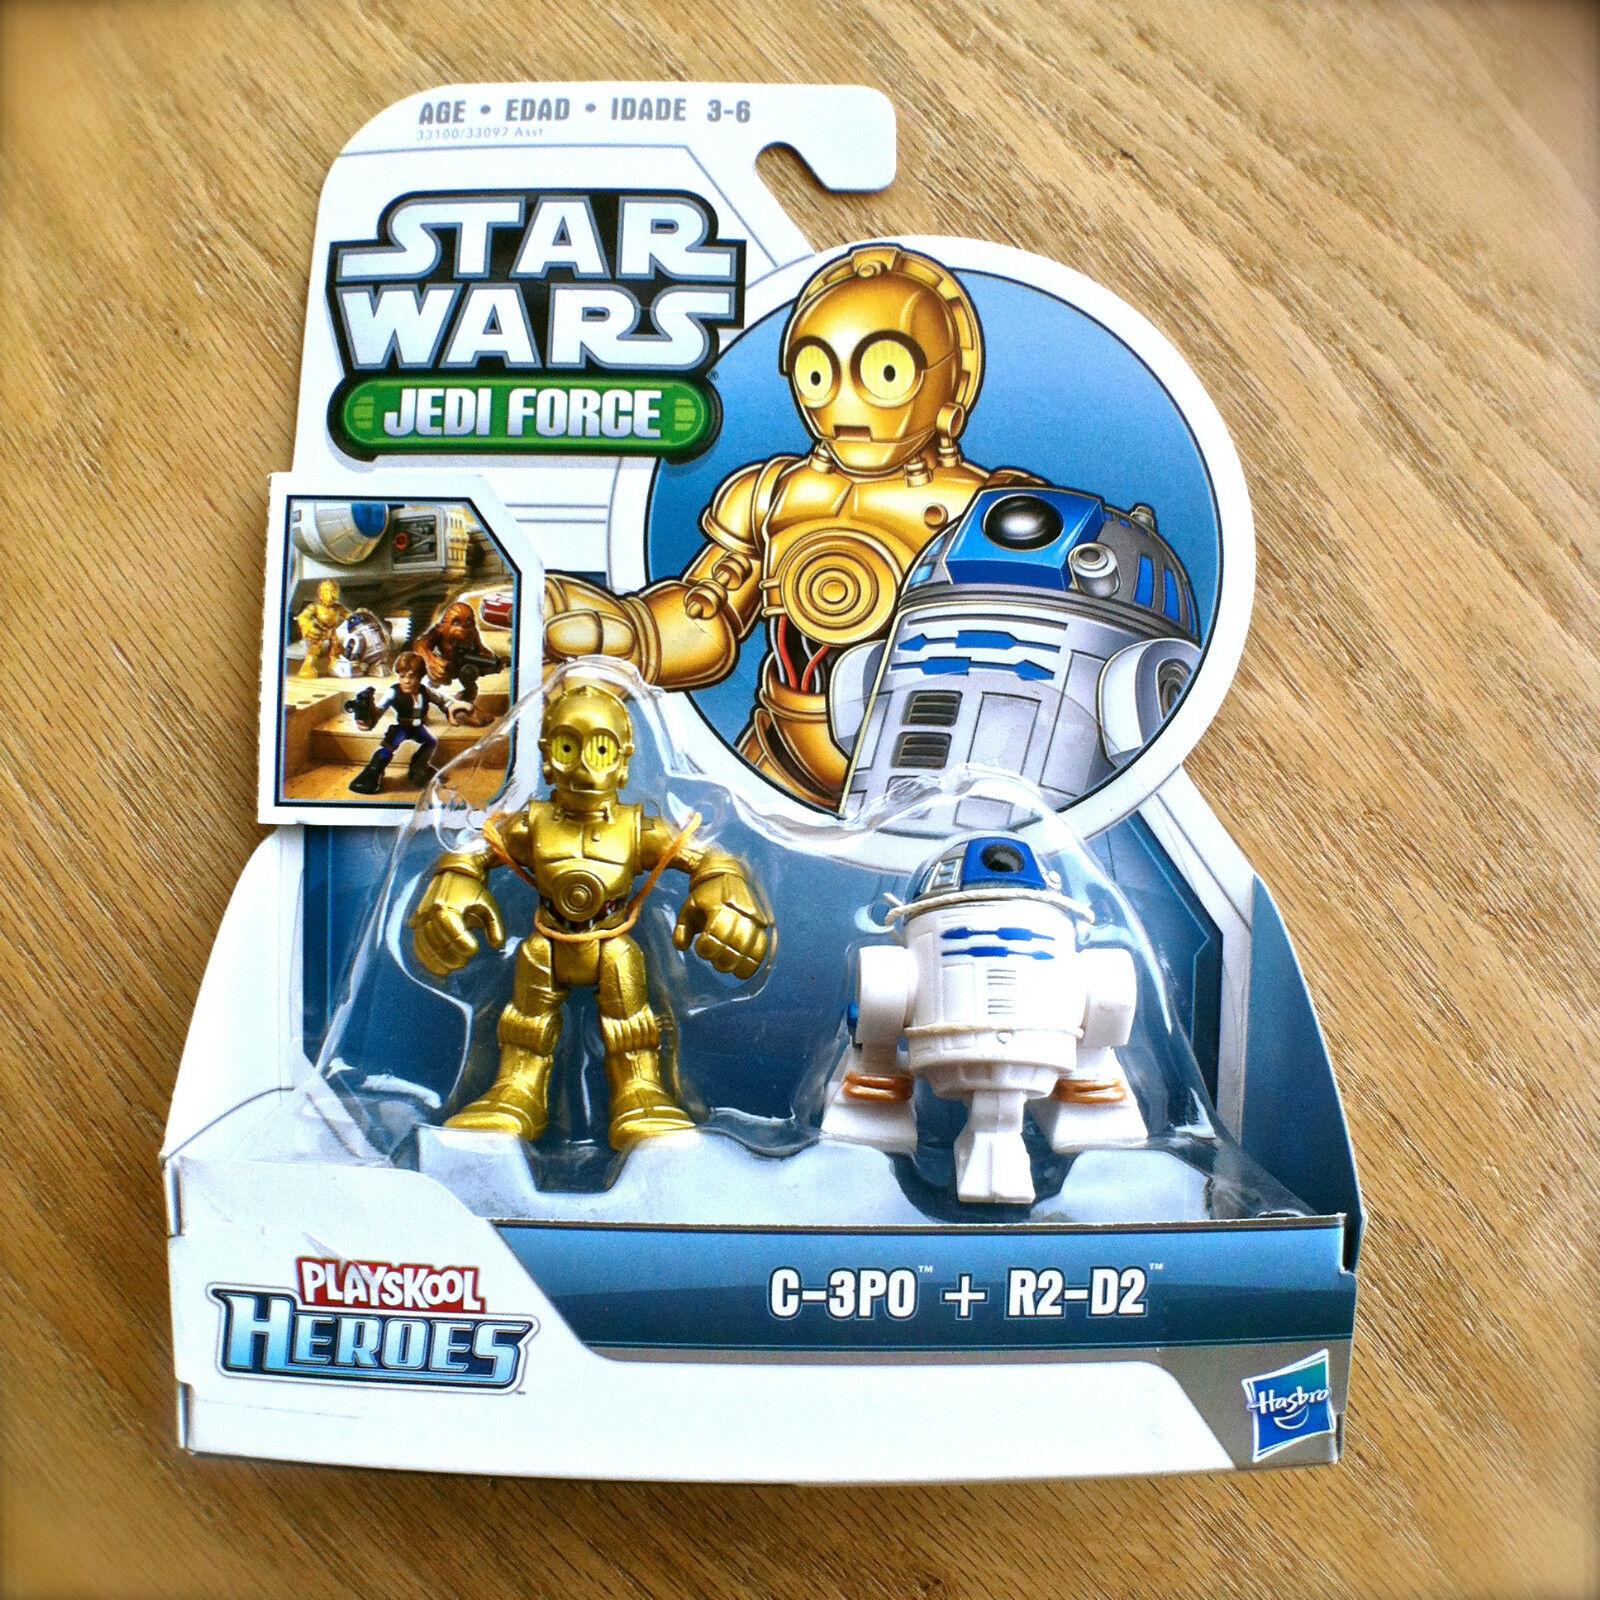 STAR WARS Jedi Force C-3PO & R2-D2 Playskool Heroes HASBRO Droid 2pk R2D2 C3P0